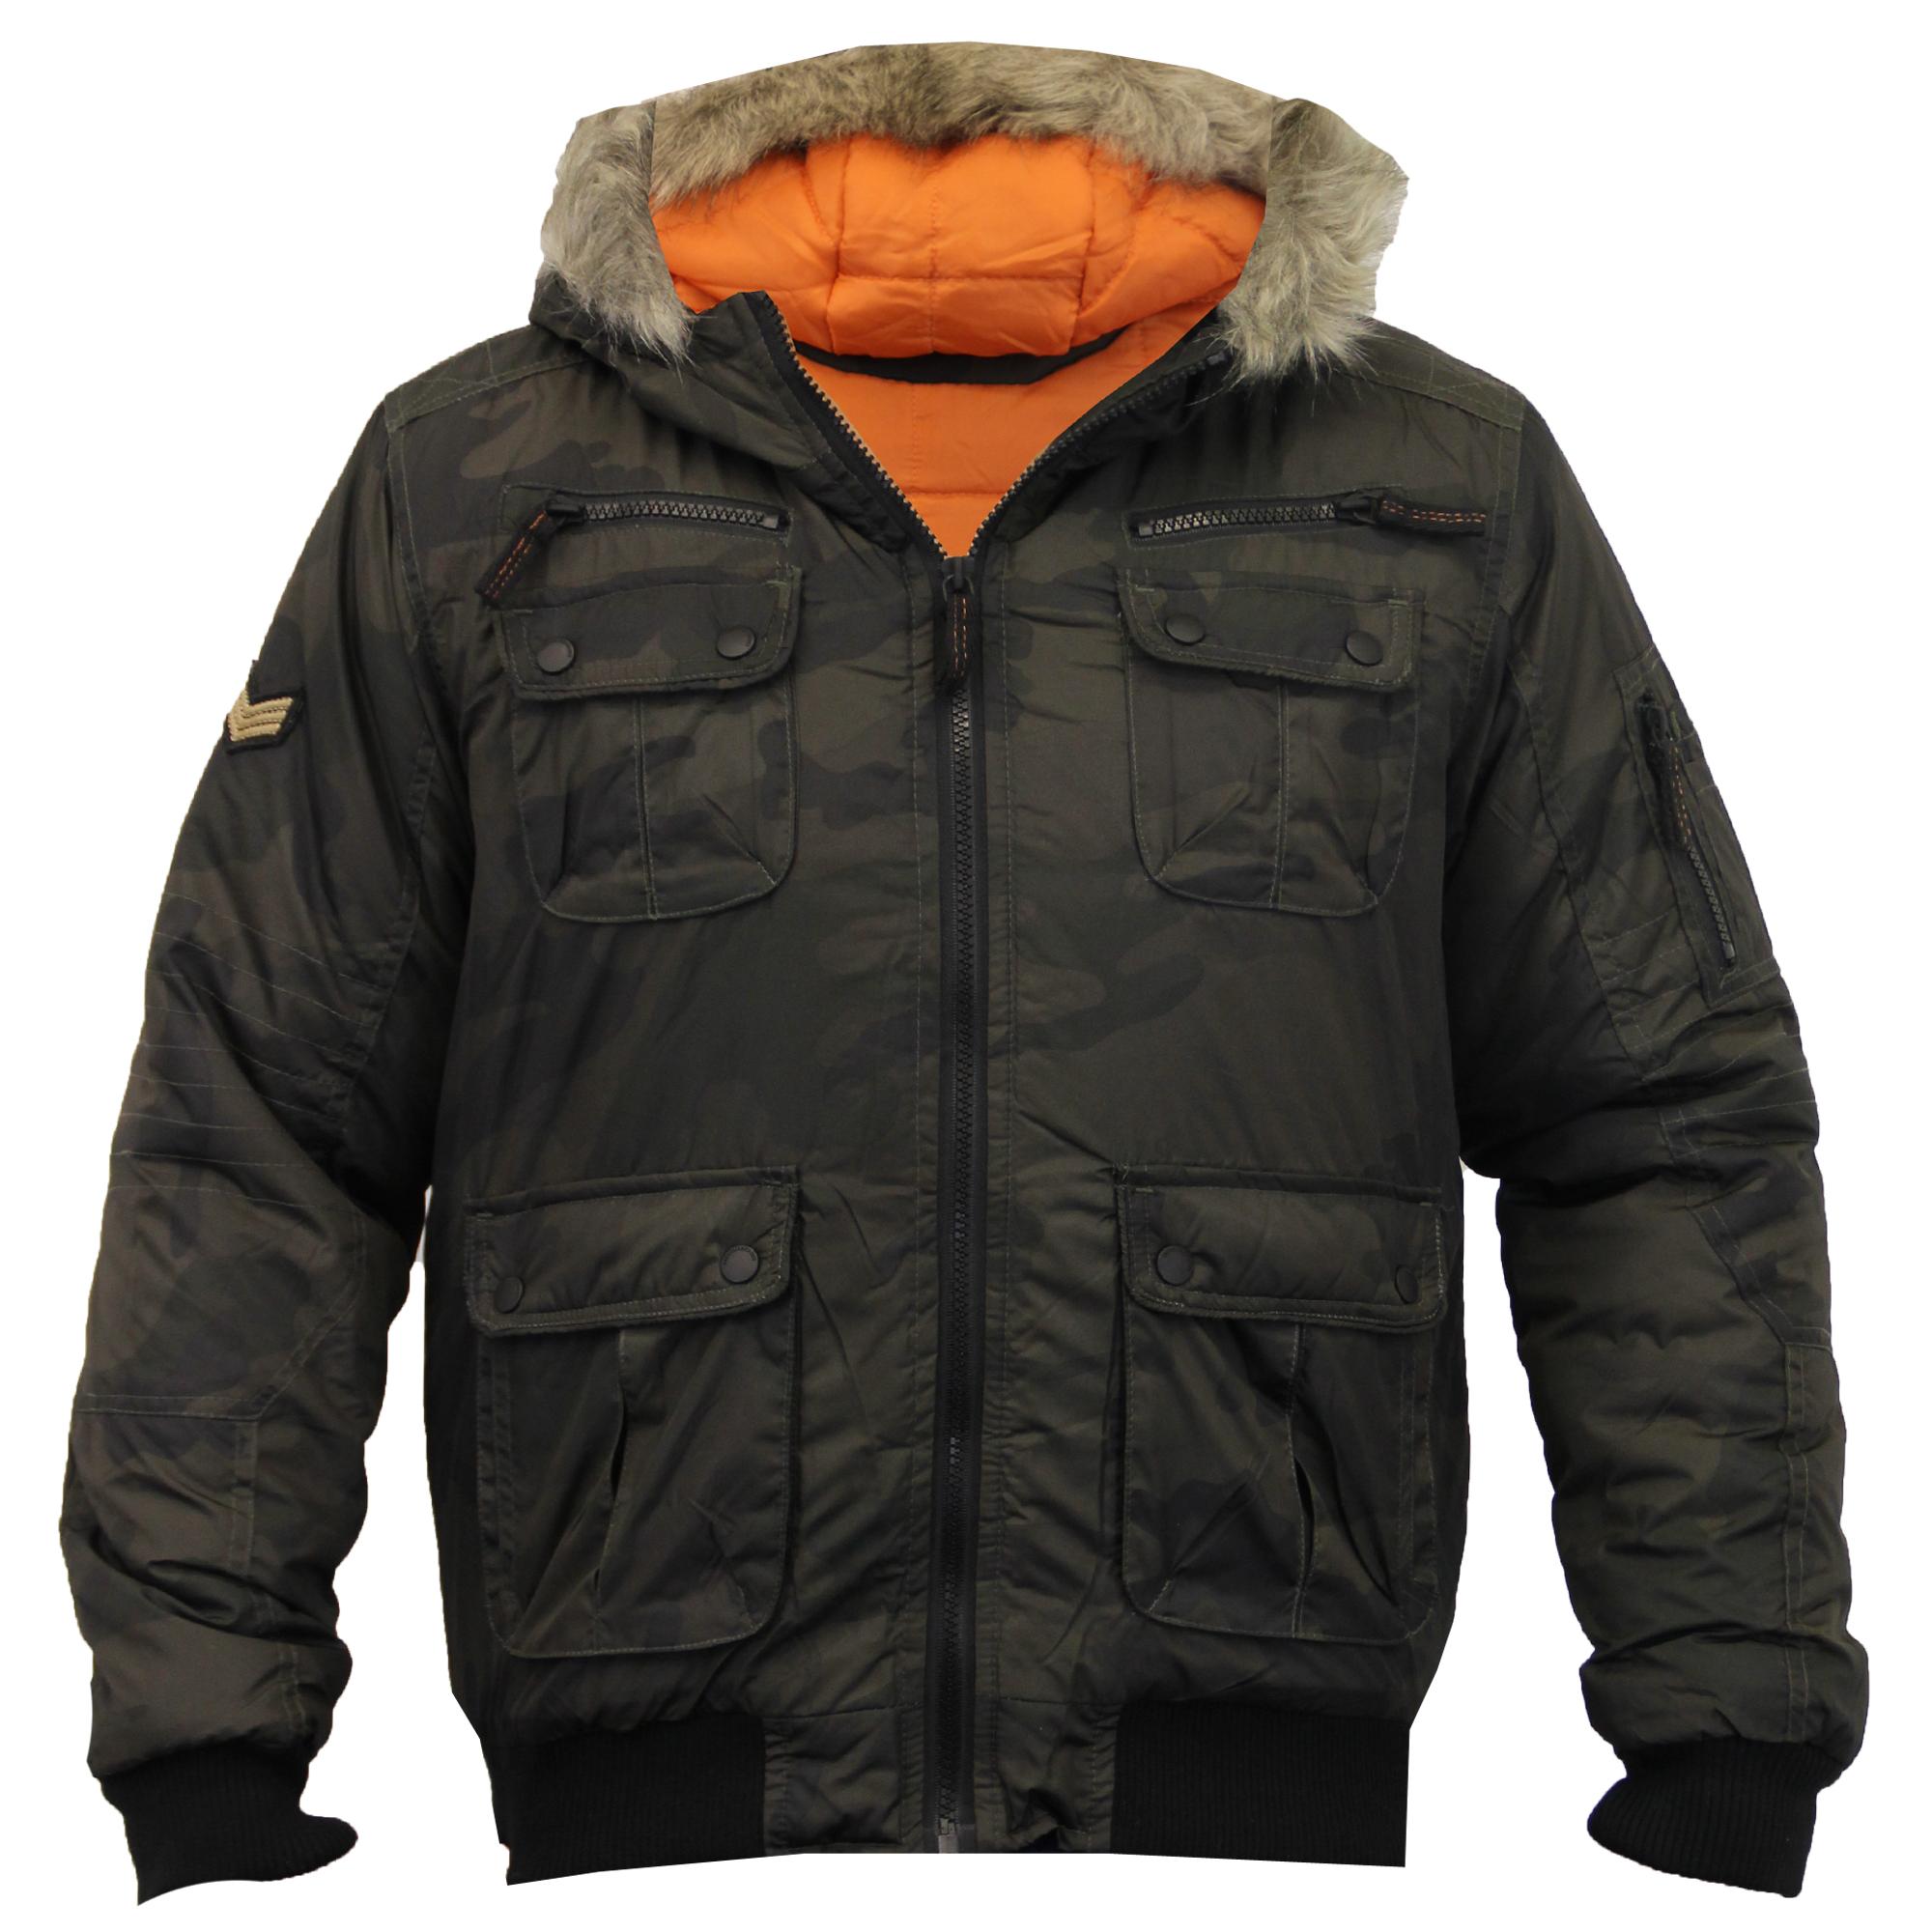 boys jacket brave soul kids coat camouflage military. Black Bedroom Furniture Sets. Home Design Ideas